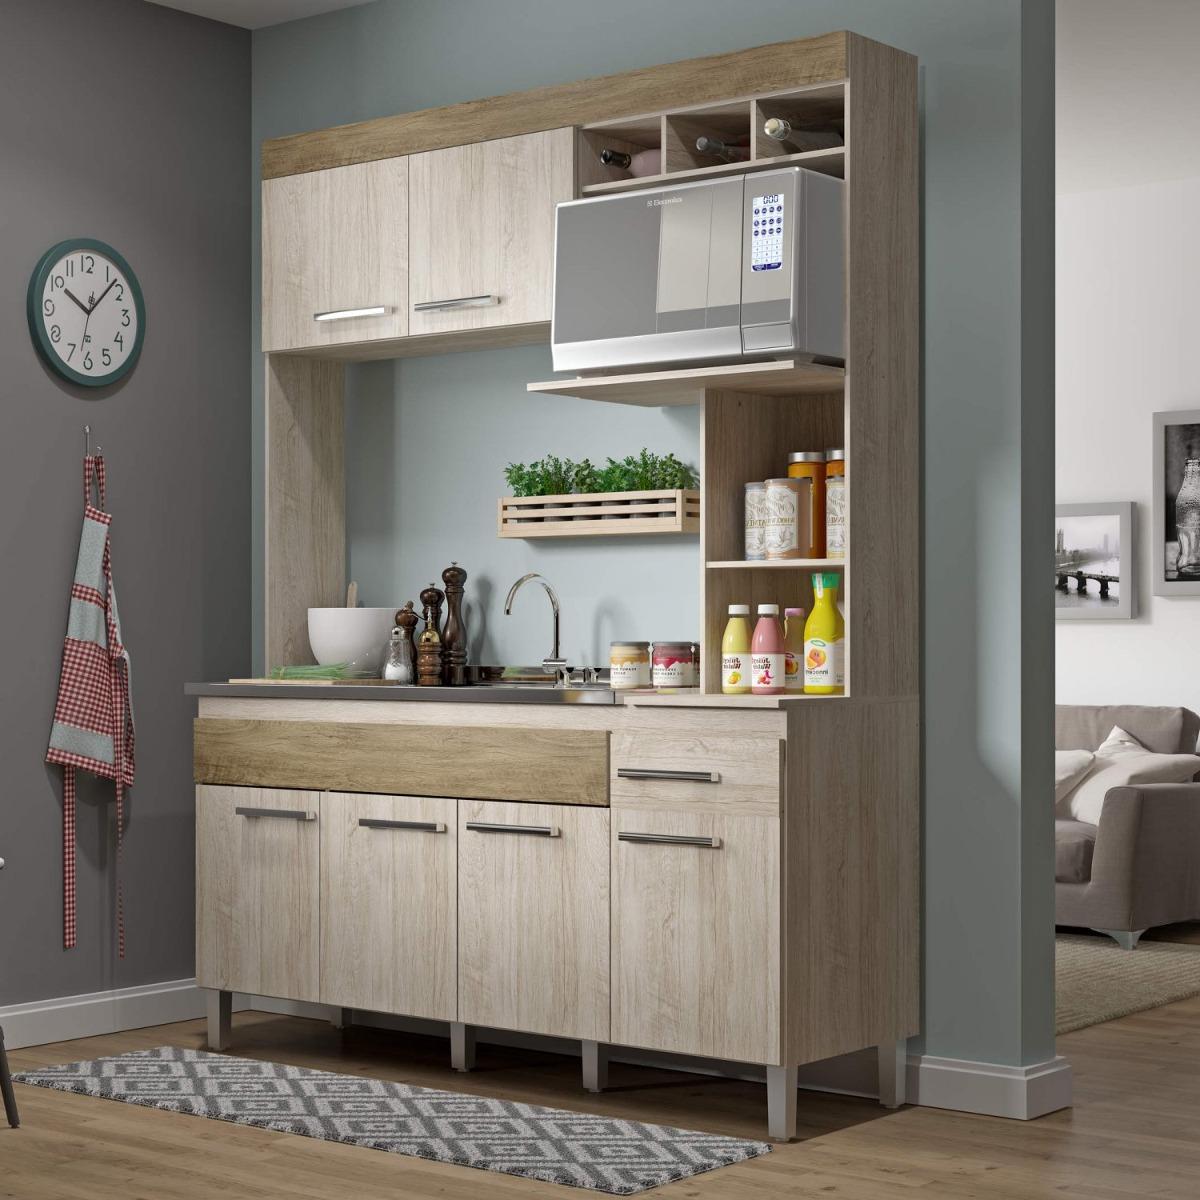 Cozinha Compacta 6 Portas 1 Gaveta Sem Tampo New Fiwt R 355 10 Em